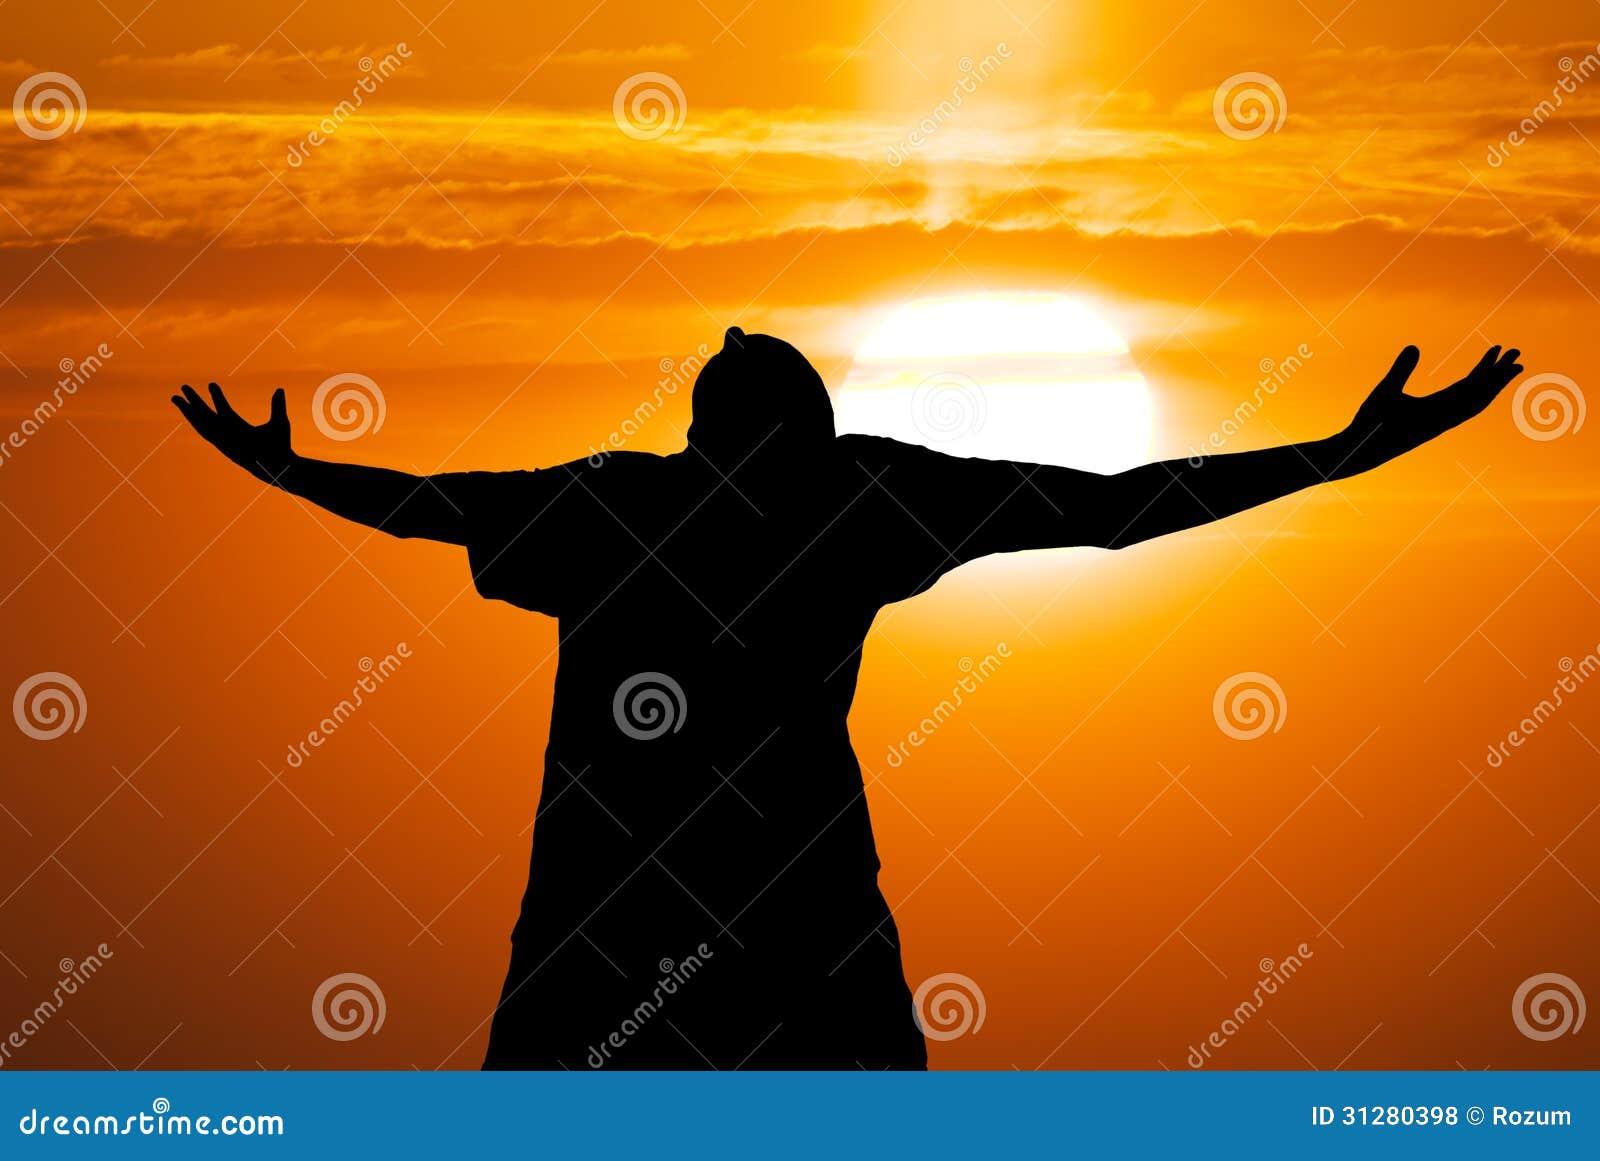 Поклонение человека